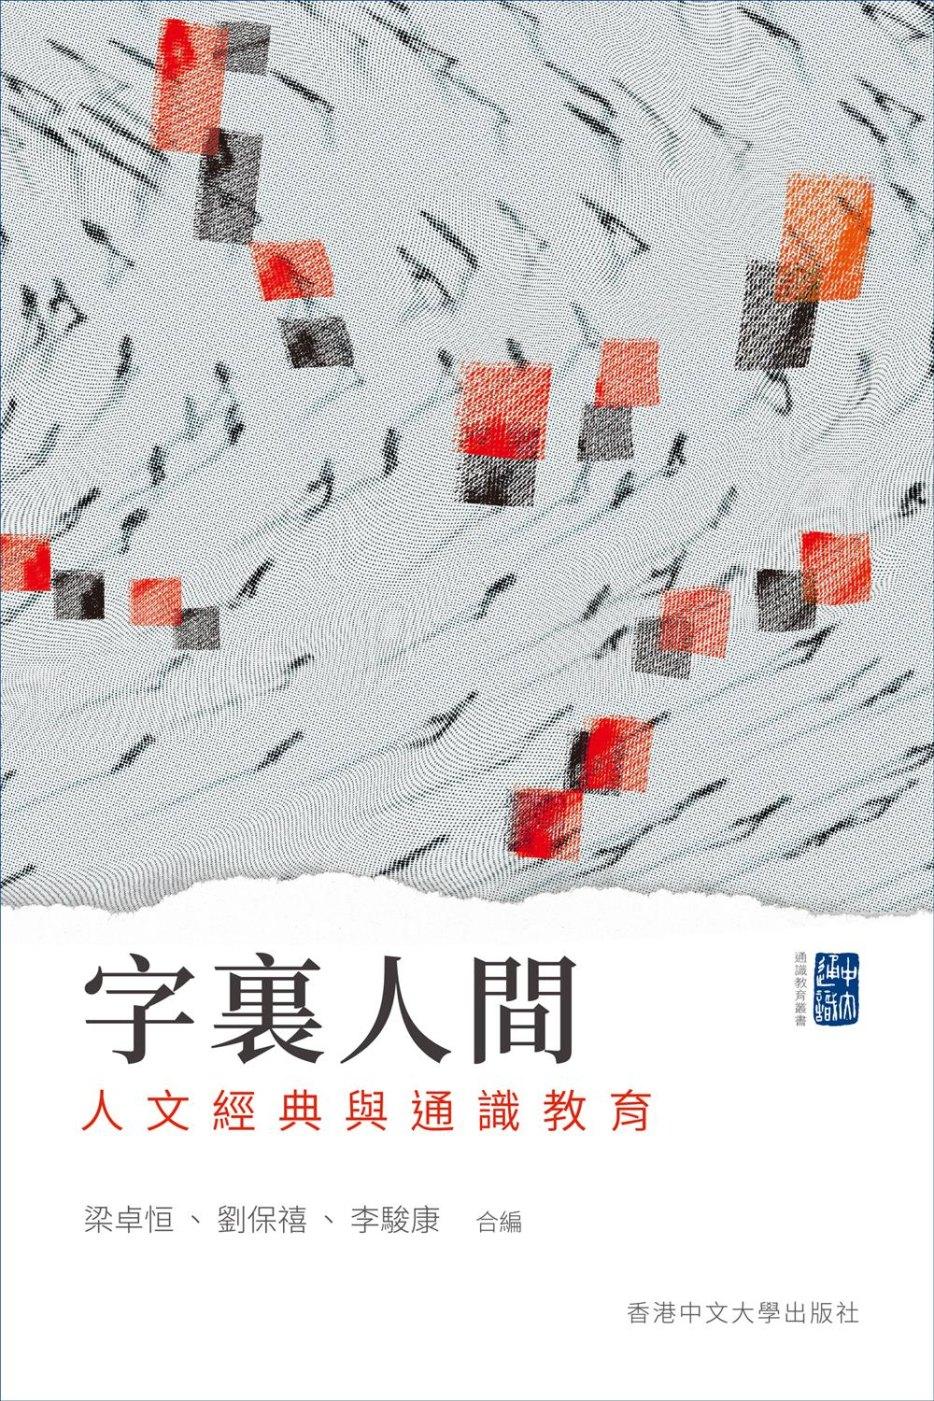 字裏人間:人文經典與通識教育